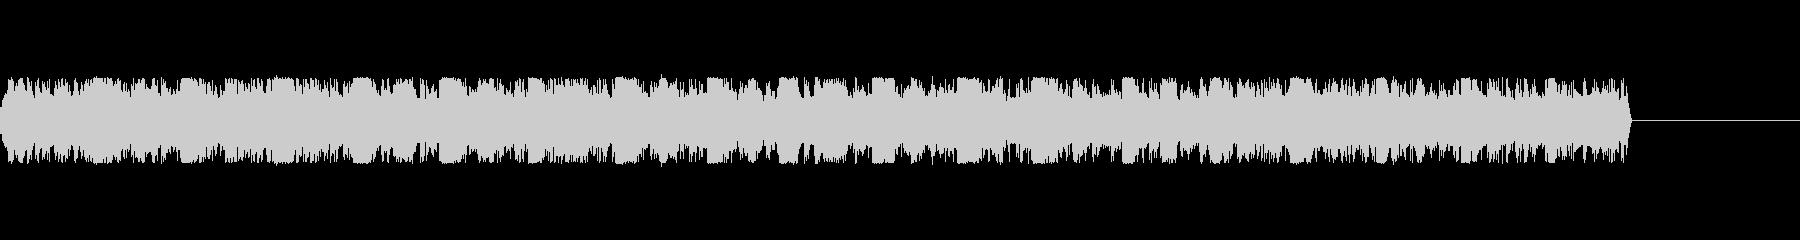 エンジン-実行中-ワークショップの未再生の波形